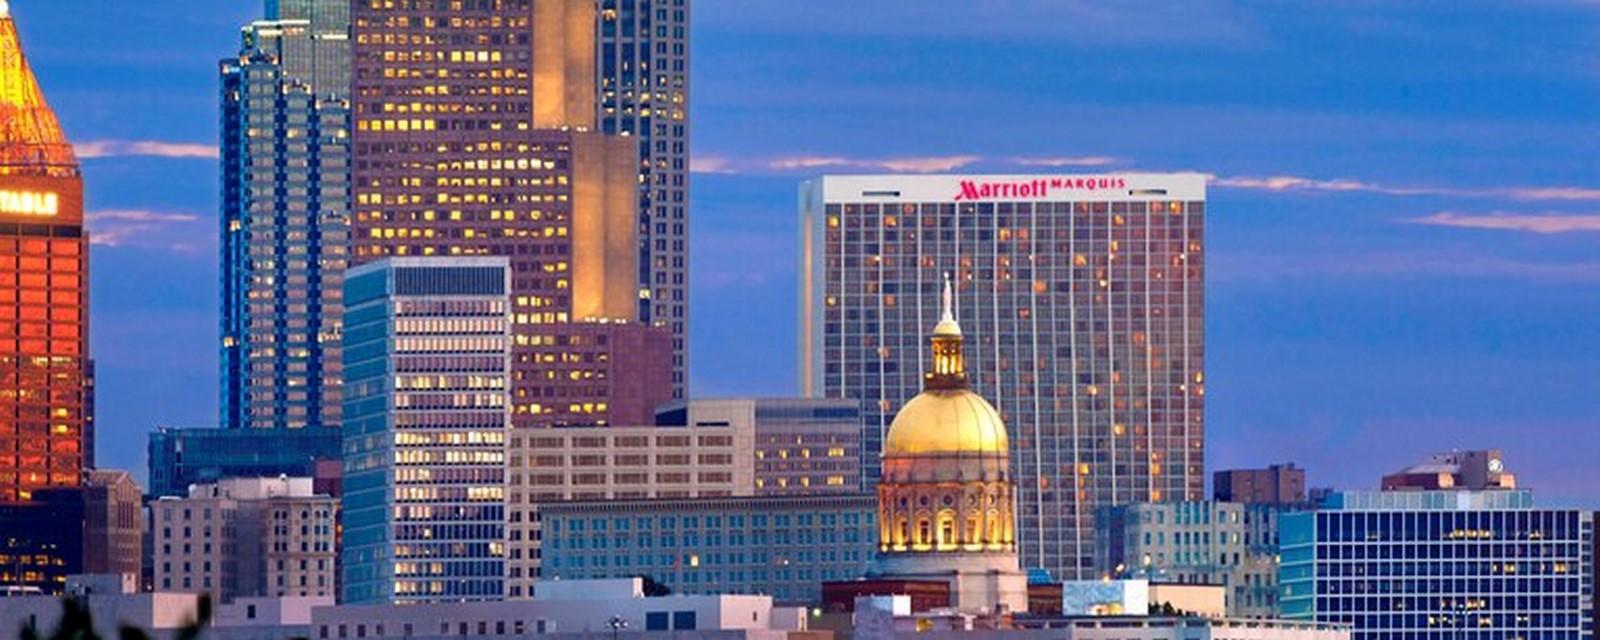 Atlanta Marriott Marquis - Sheet2